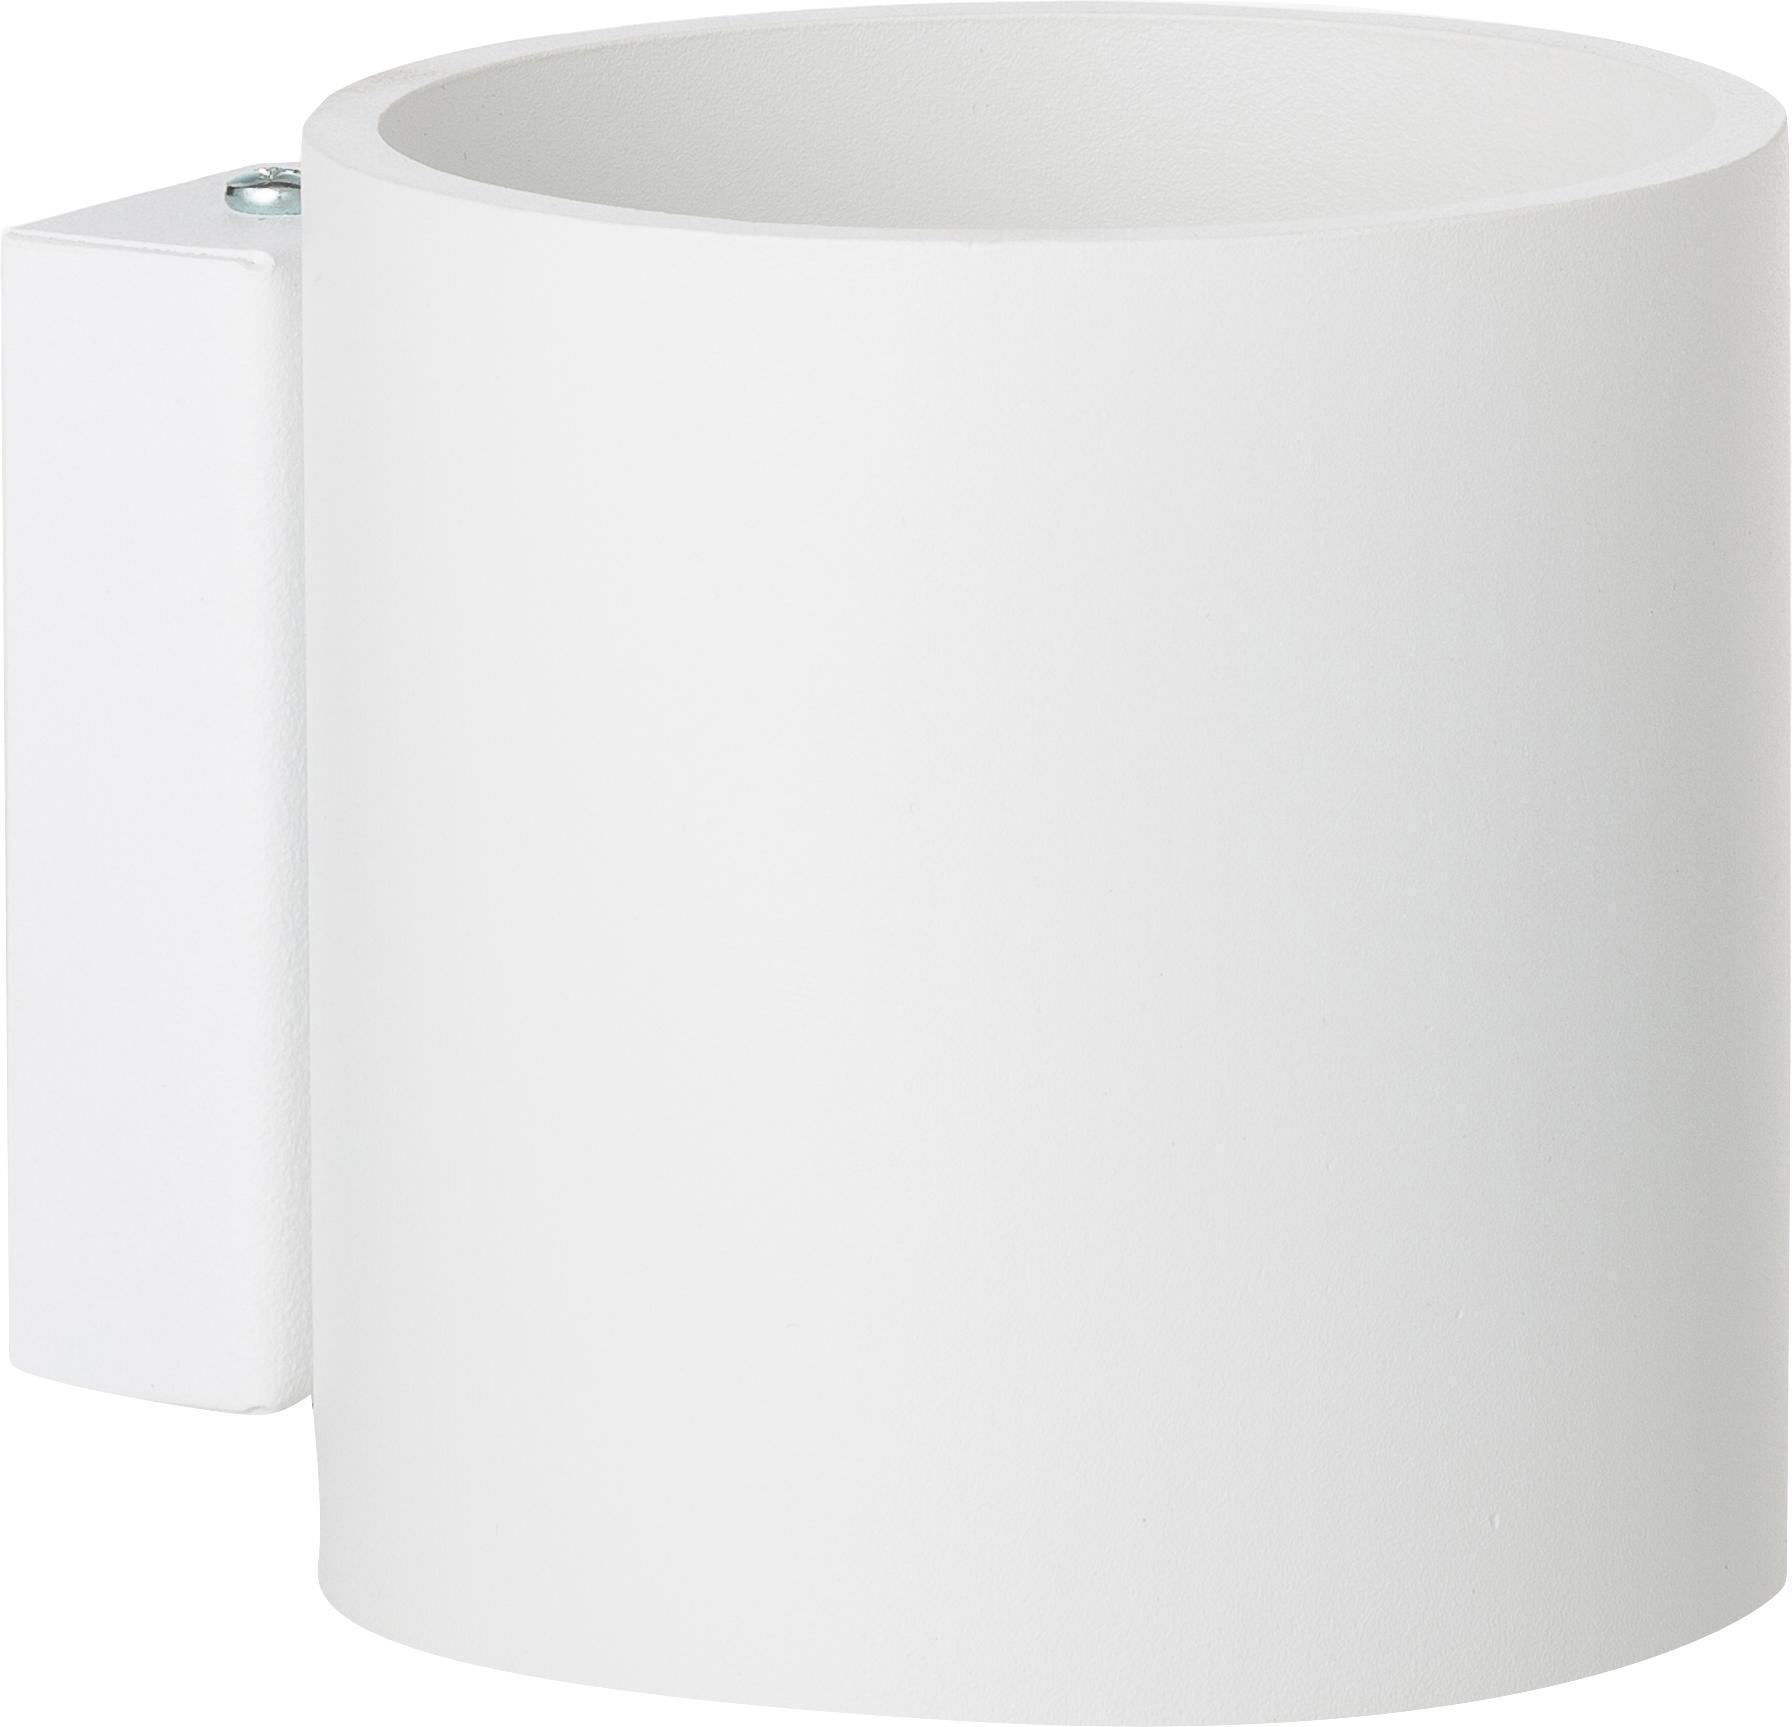 Applique minimaliste blanche Roda, Blanc